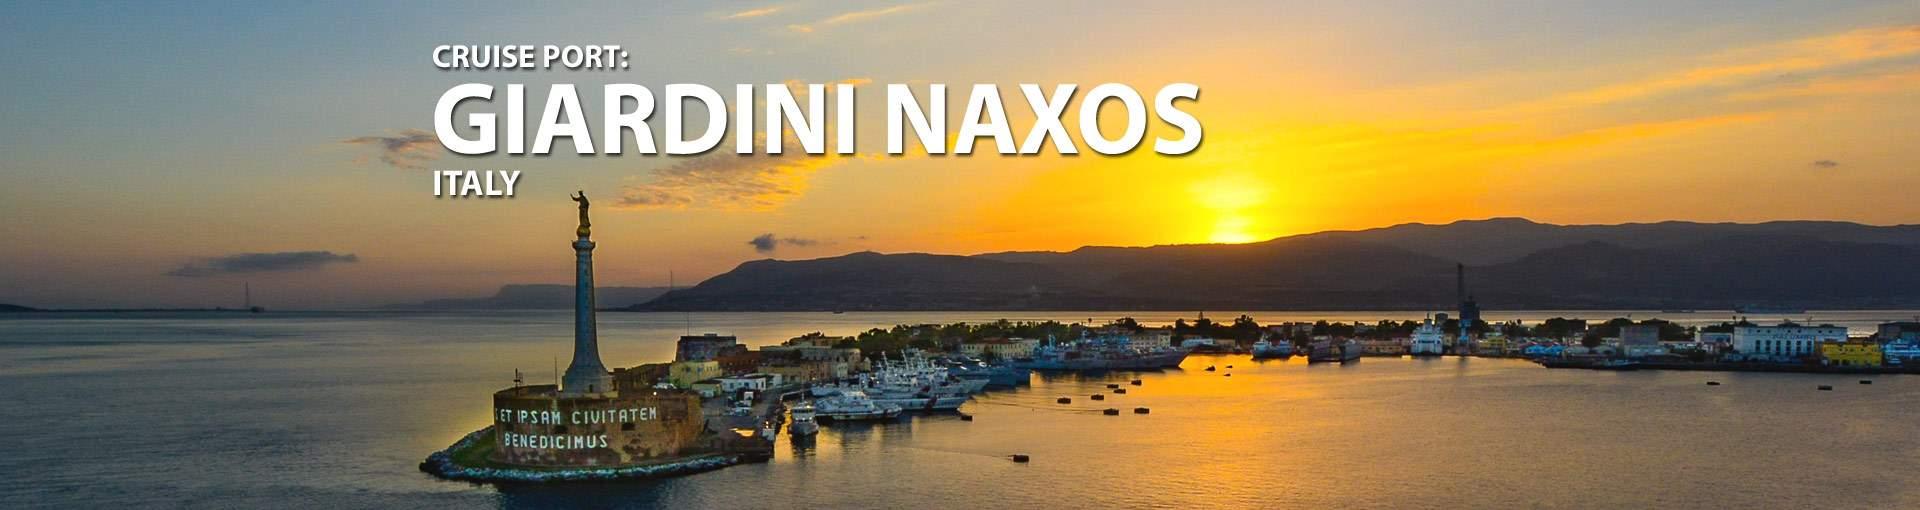 Naxo, Italy Cruise Port